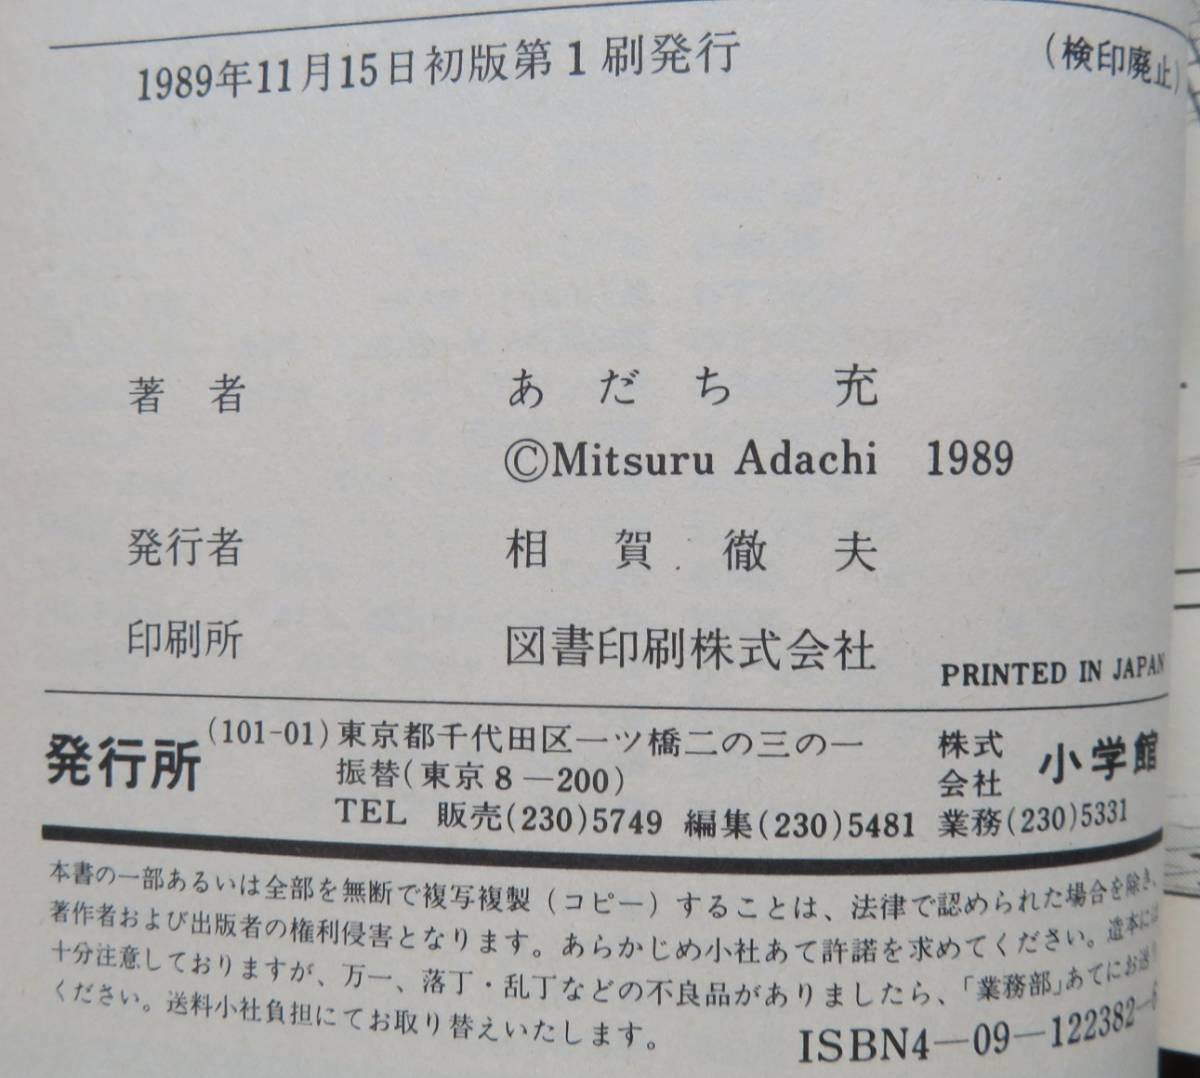 【中古品】 ラフ ROUGH あだち充 12巻全巻セット_画像6